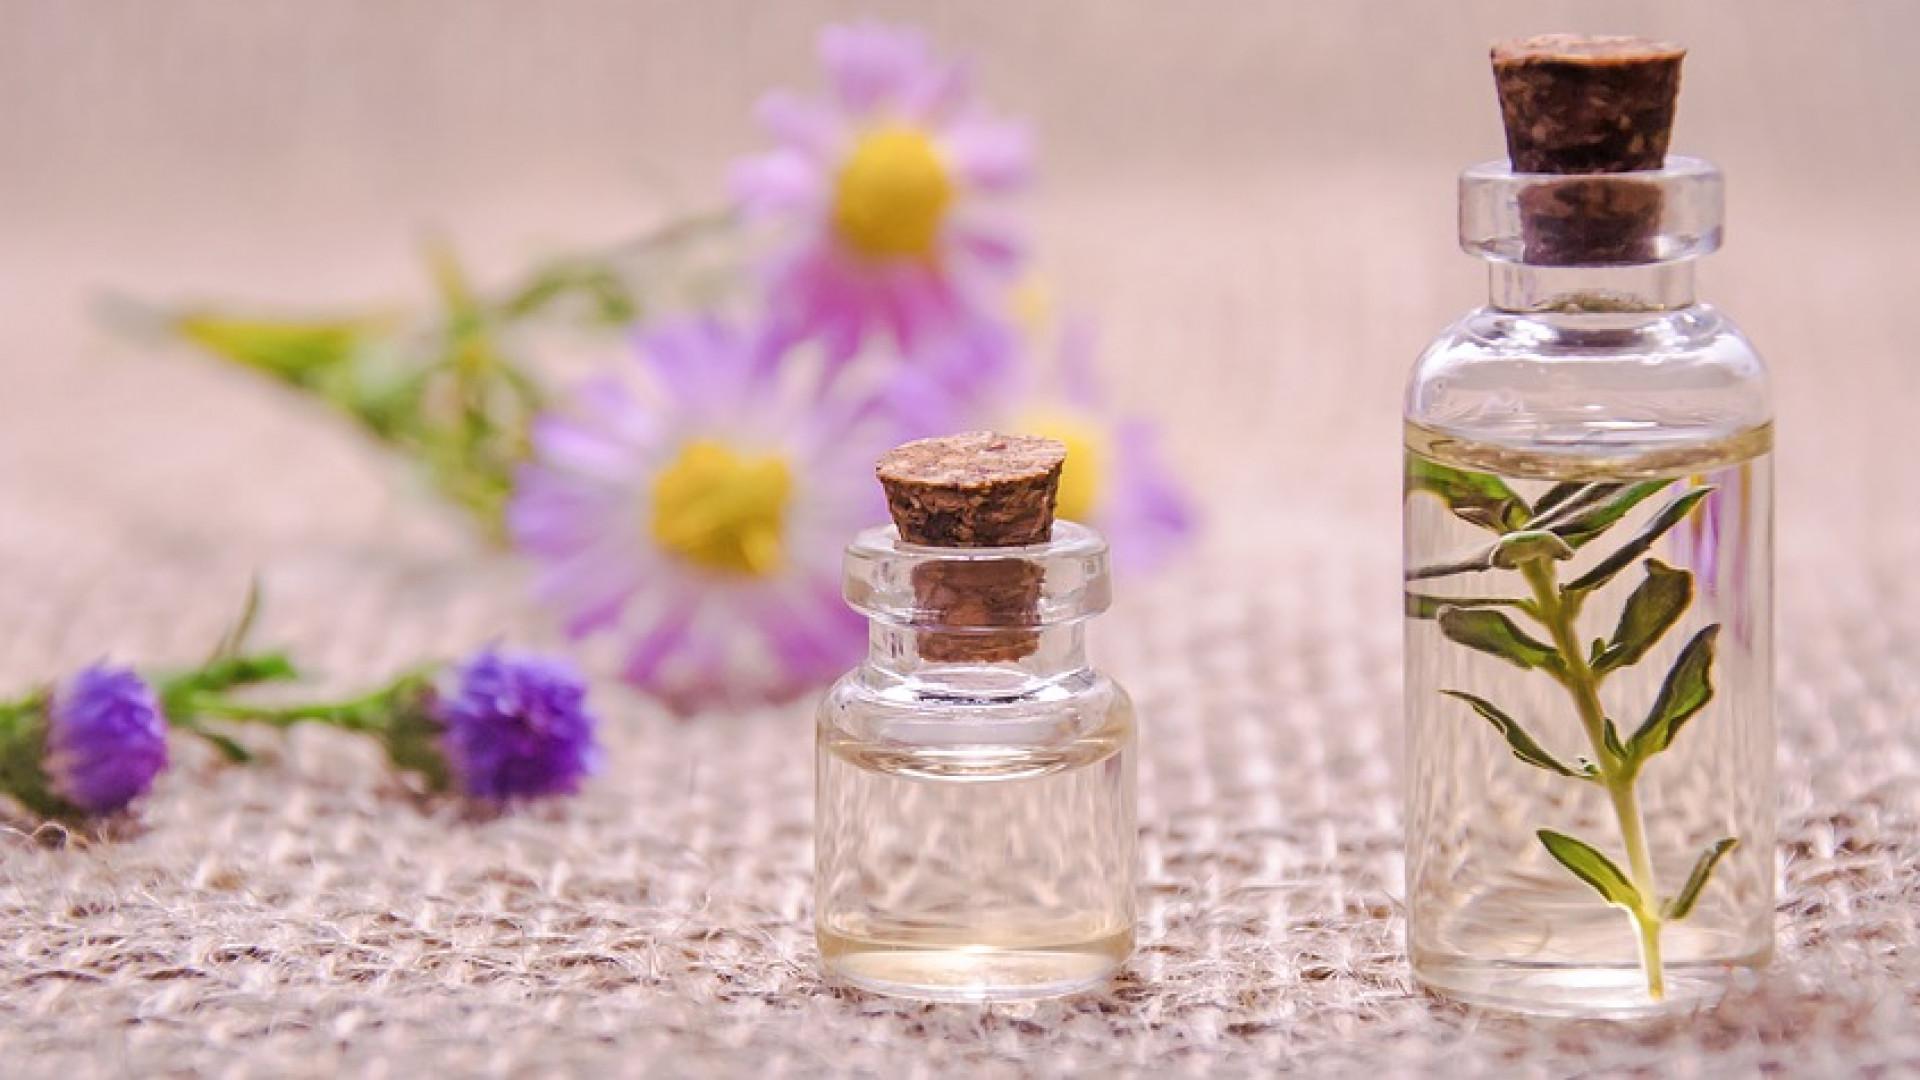 Quelles sont les vertus de l'huile de Palmarosa?